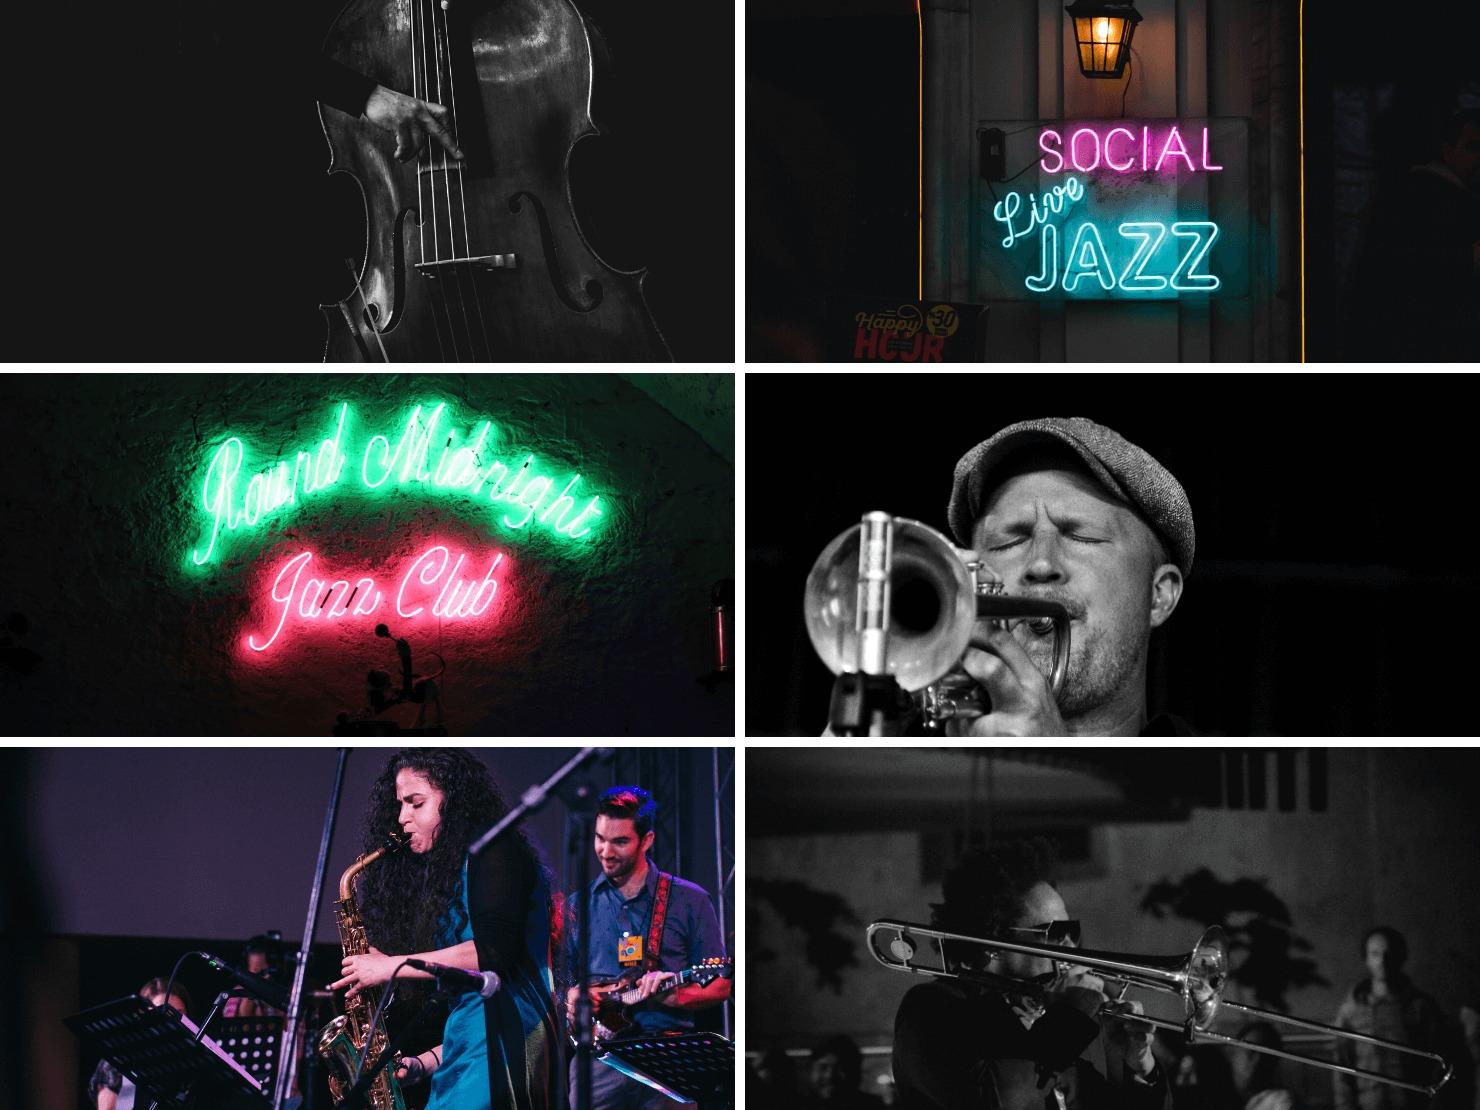 ライブハウスやライブの写真